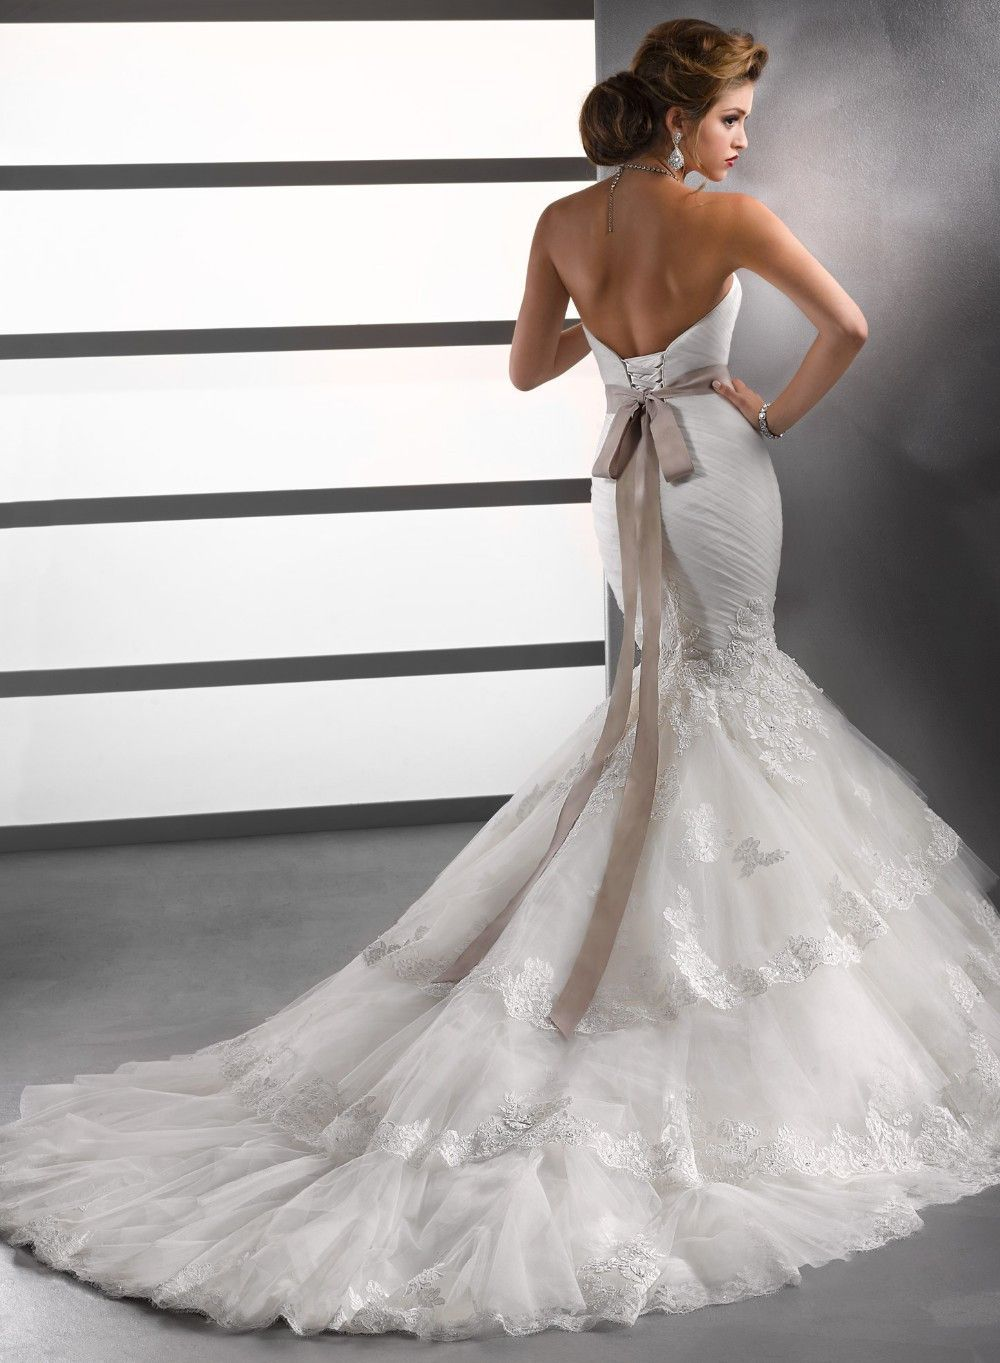 Vestidos De Novia Pnina Tornai | expo | Pinterest | Wedding dress ...